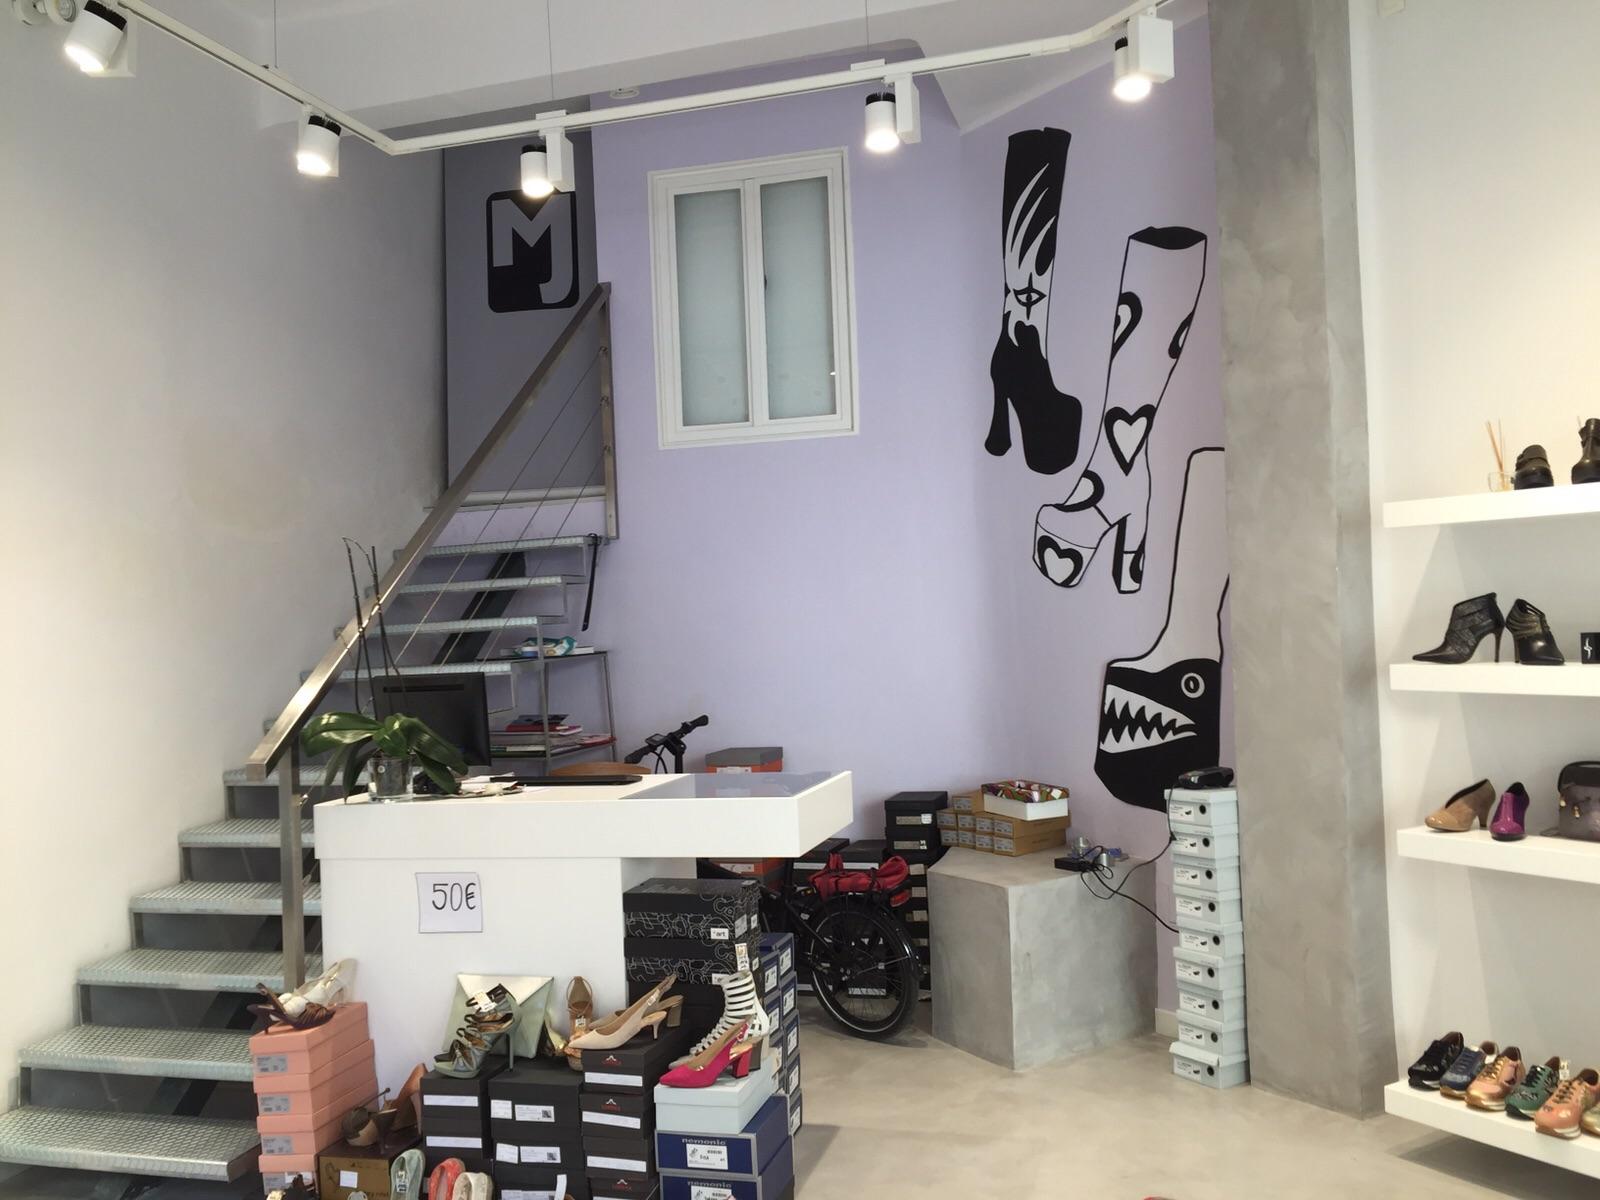 Decoraci n de local comercial con pintura pintores - Decoracion de interiores malaga ...